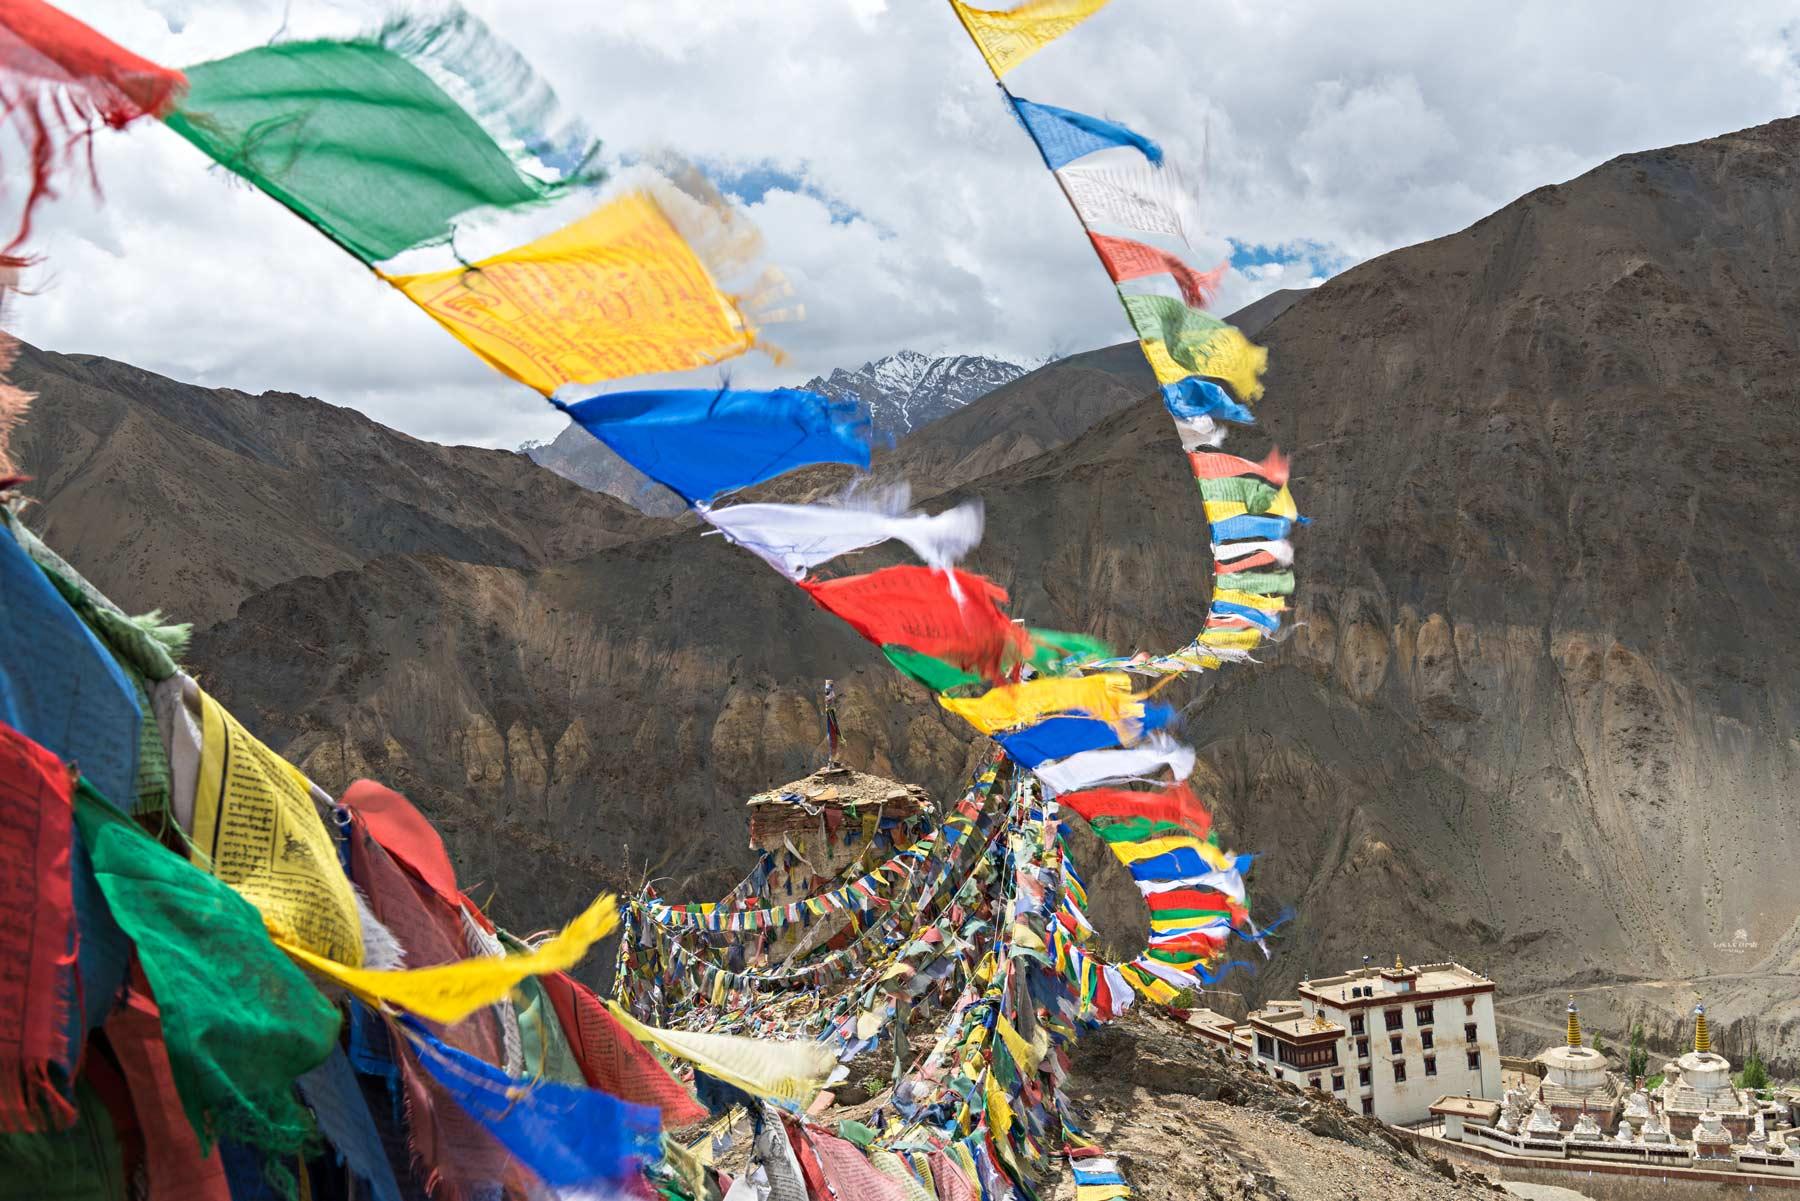 Il monastero di Lamayuru in Ladakh. Migliaia di bandierine sventolano liberando nell'aria le sacre preghiere.